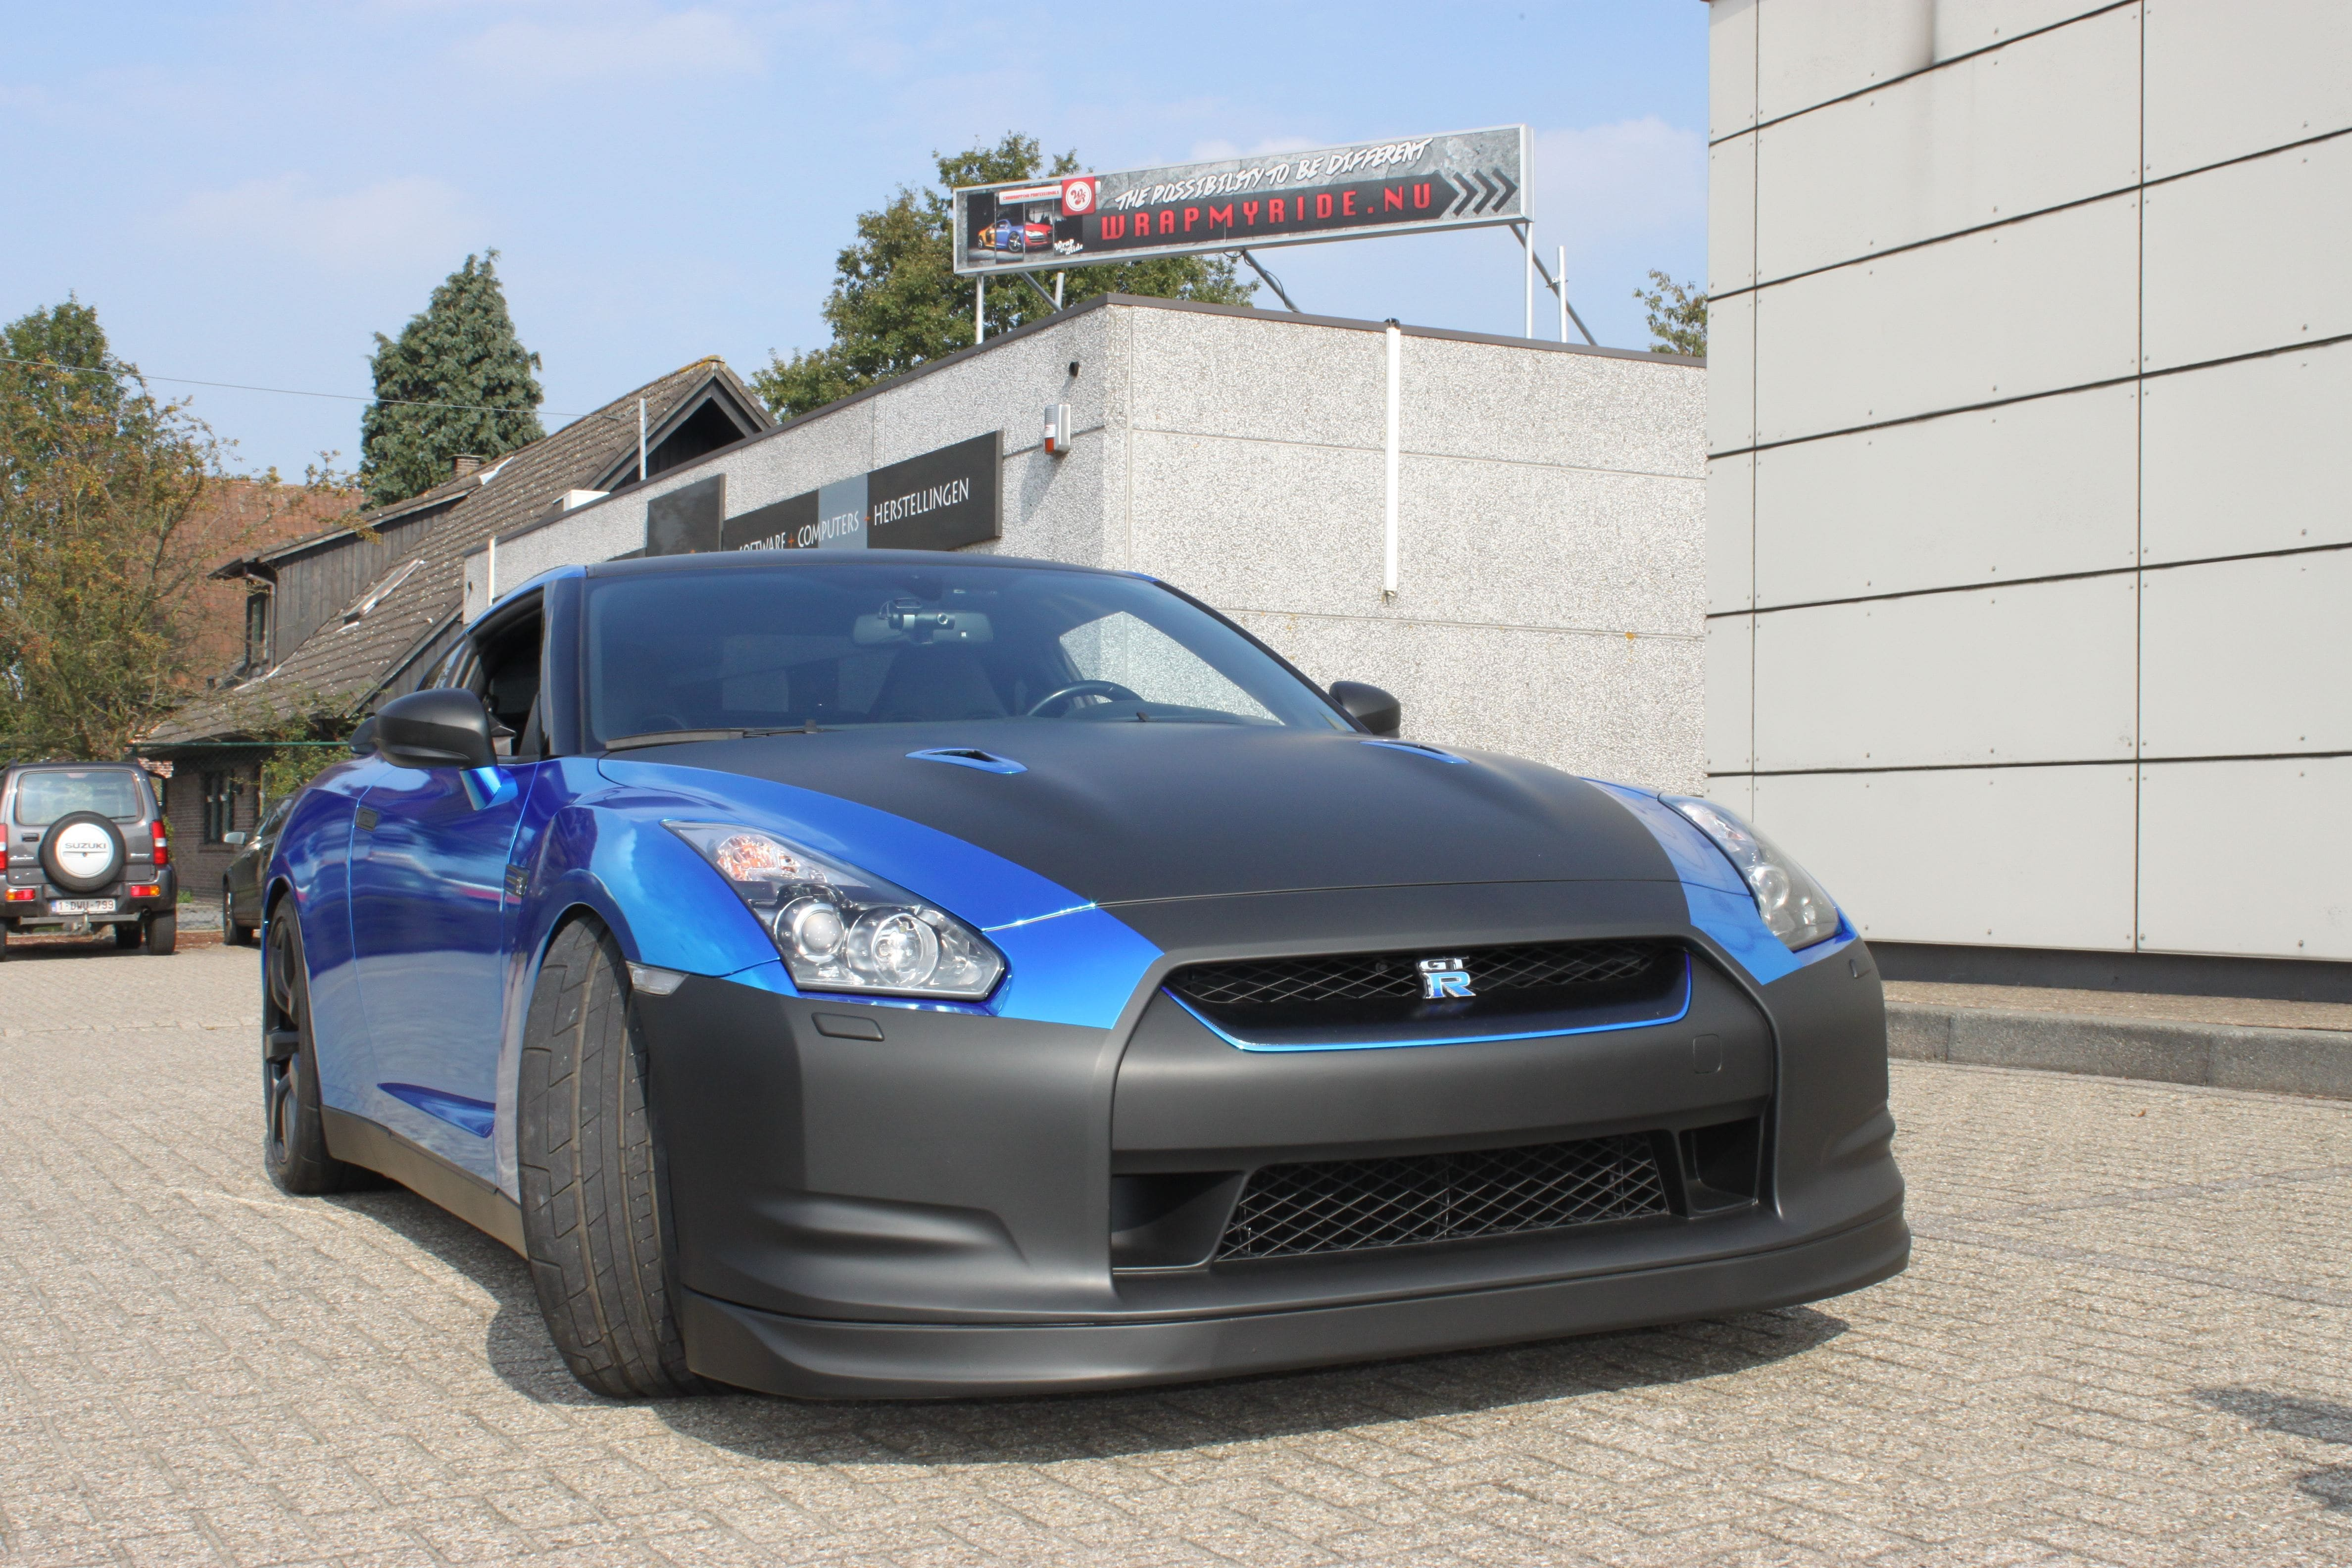 Nissan GT-R met Blue Chrome Wrap, Carwrapping door Wrapmyride.nu Foto-nr:6477, ©2021